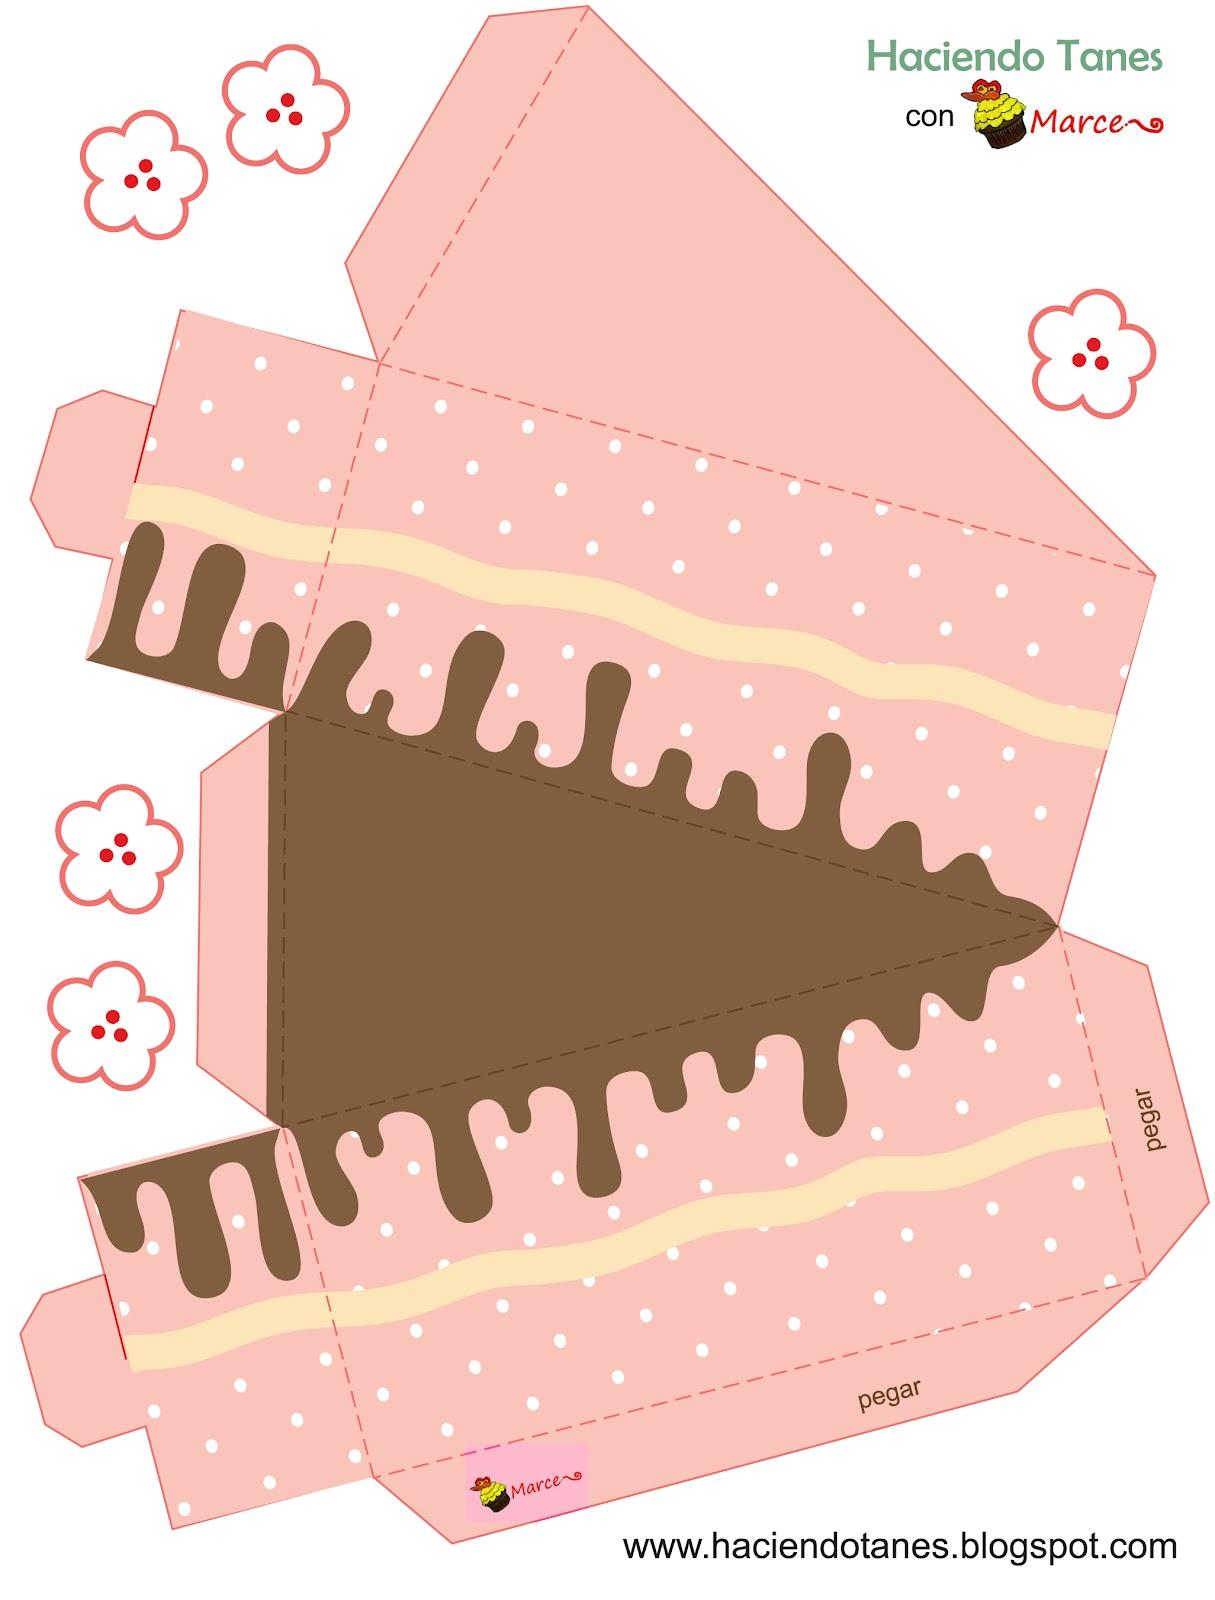 Haciendo Tanes: Un Lindo Pastel de Cartón